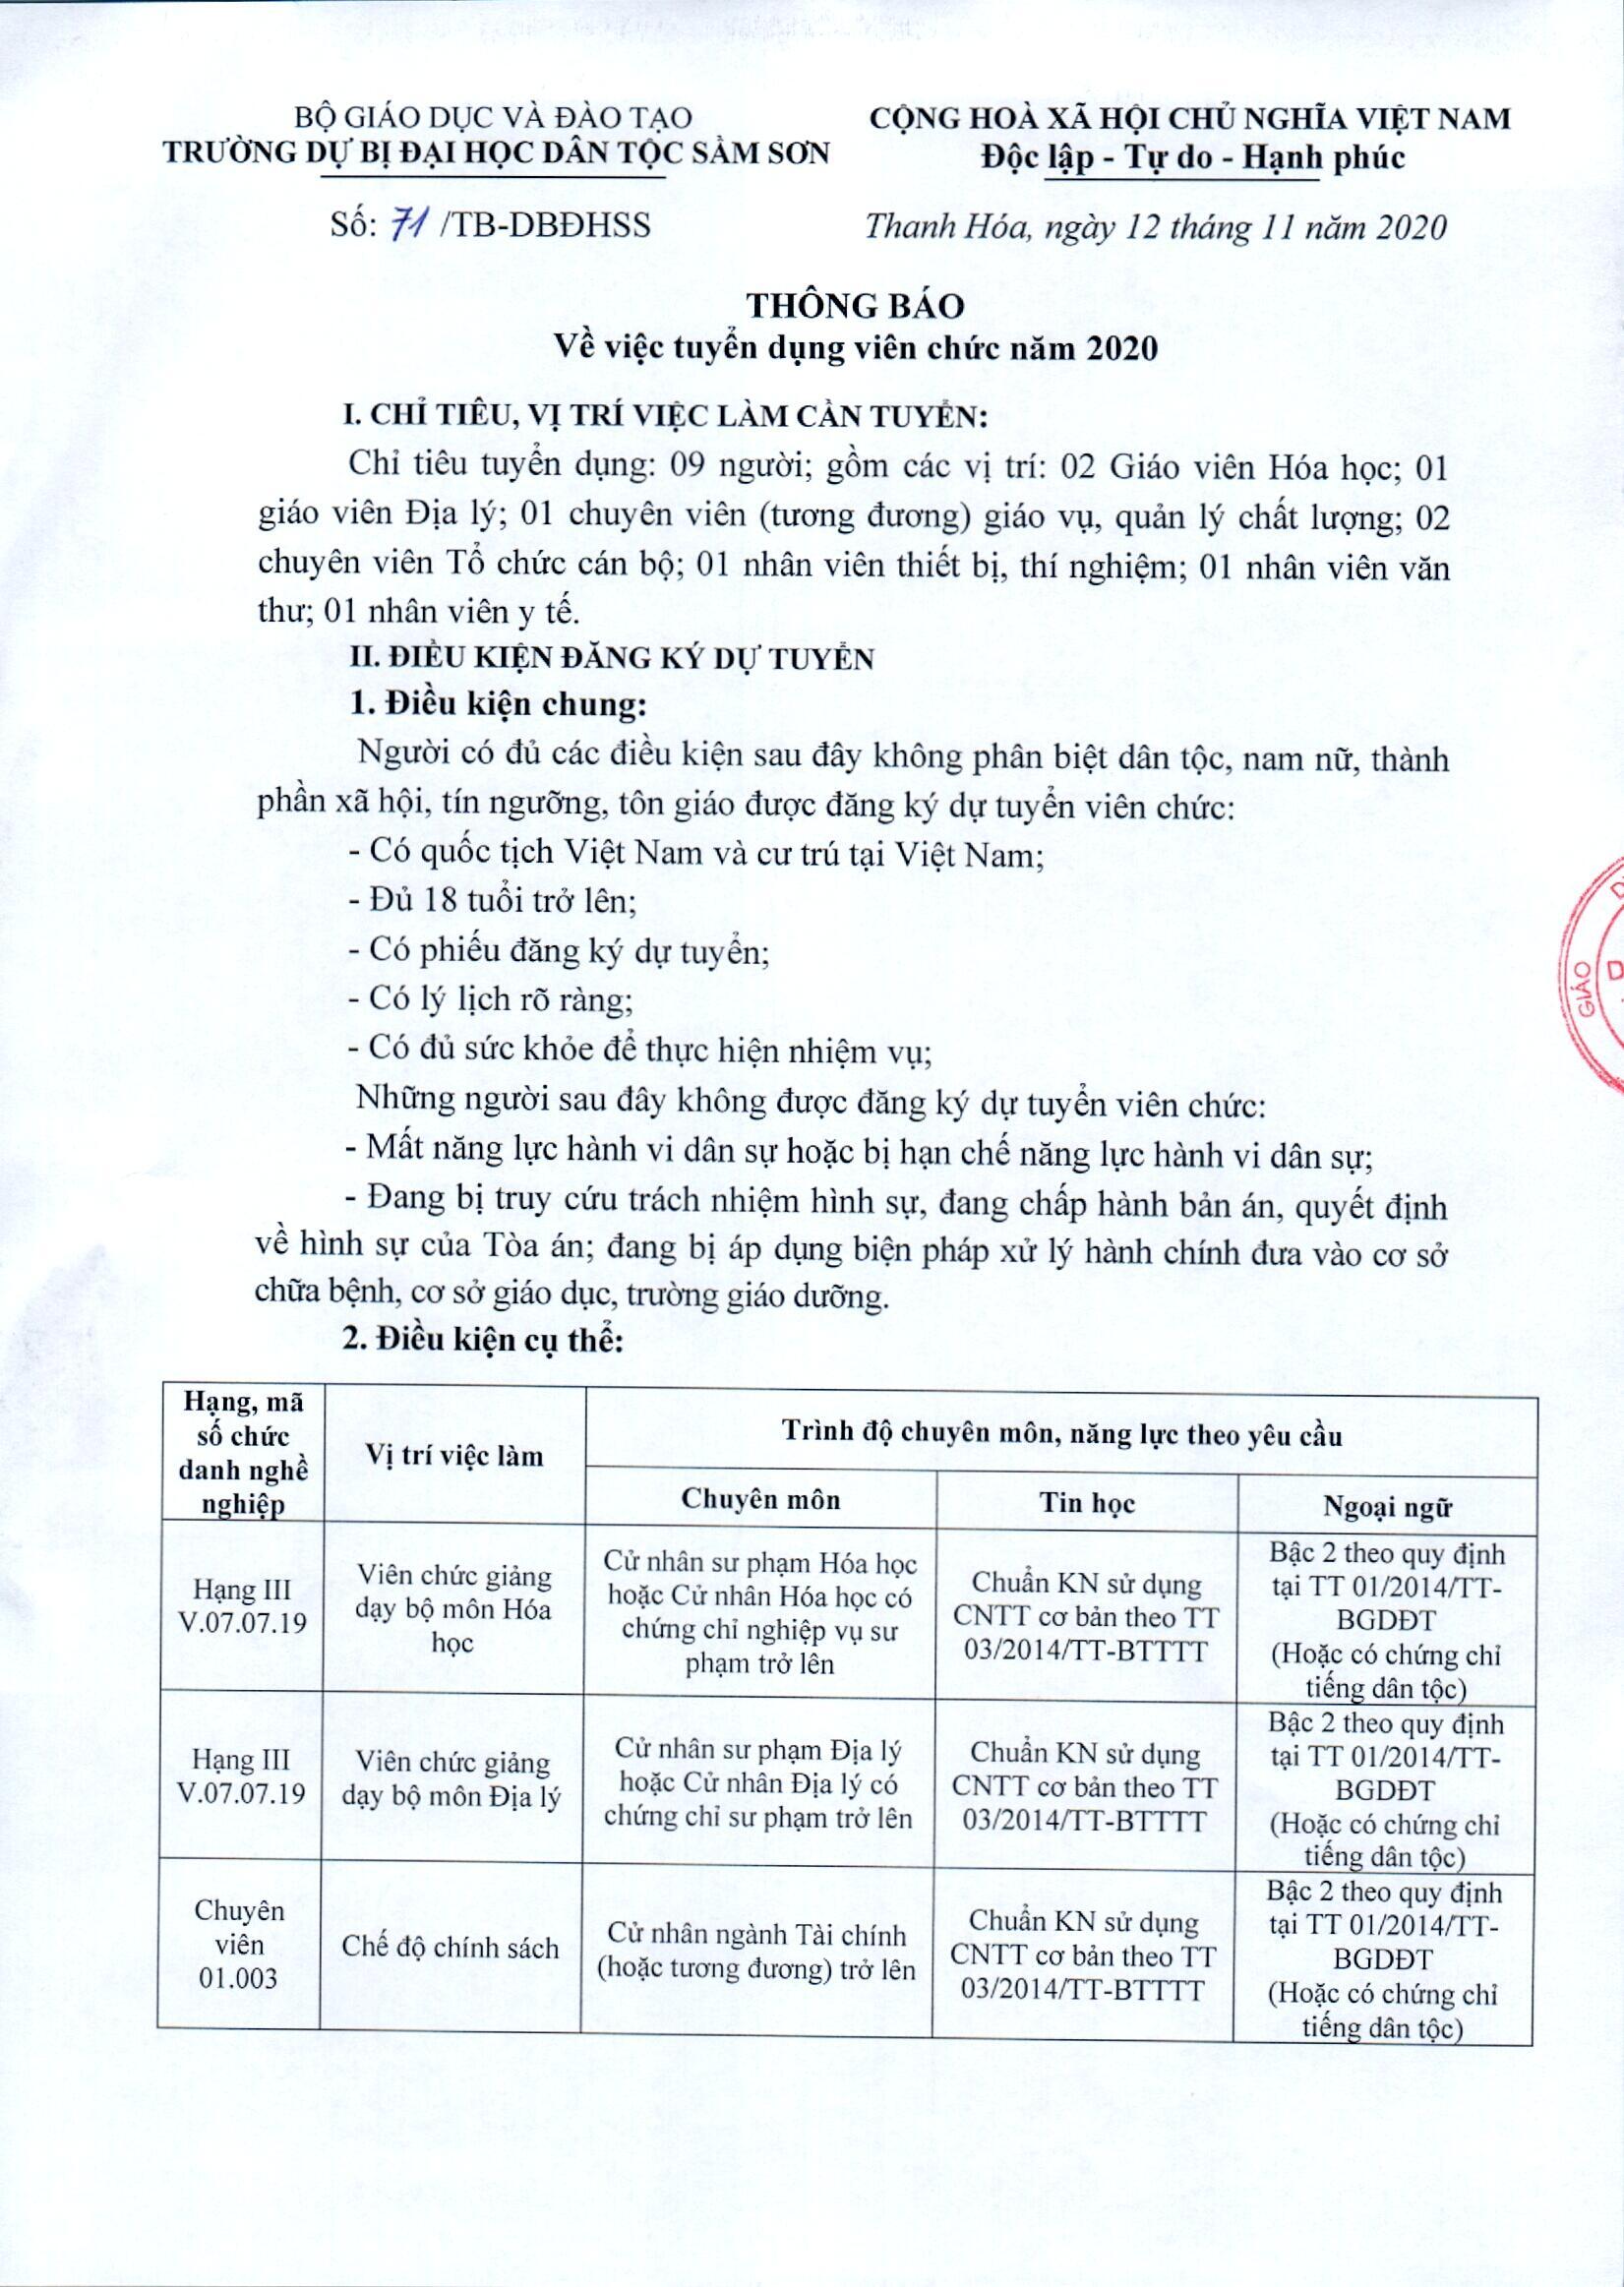 Thông báo tuyển dụng viên chức (2)_0001